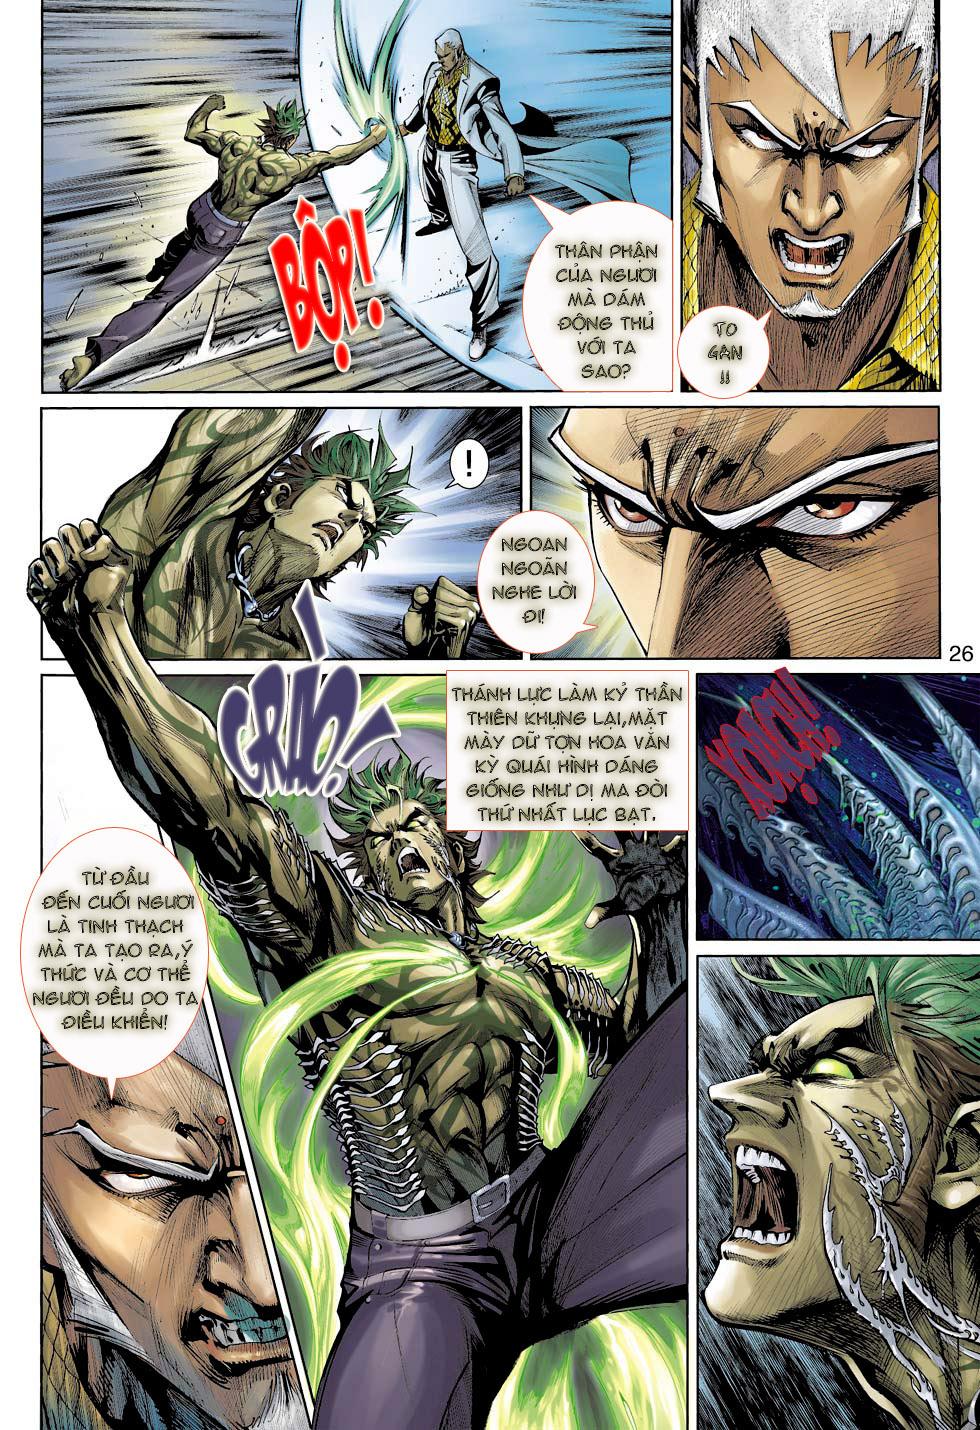 Thần Binh 4 chap 23 - Trang 26